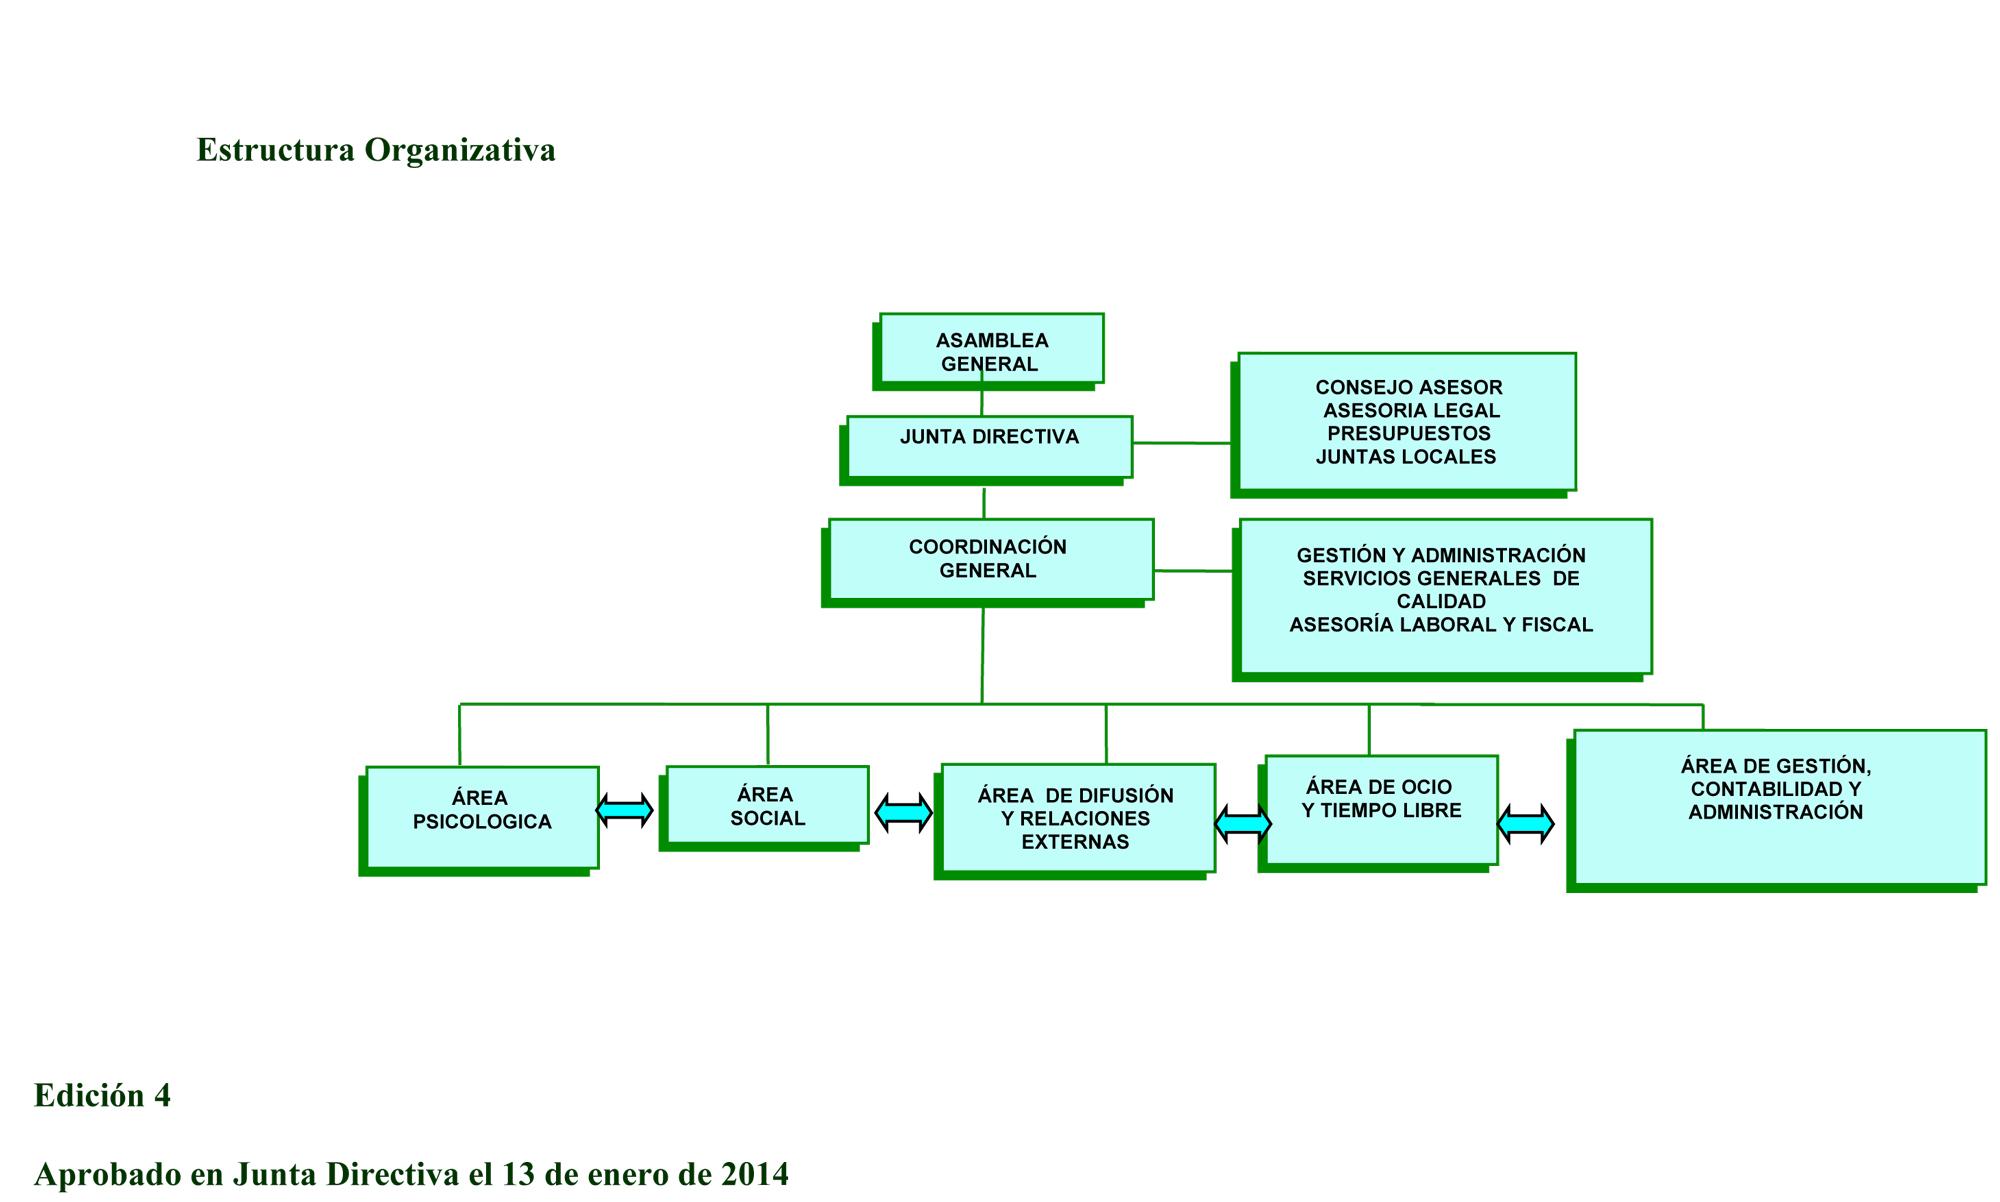 R21Estructura-Organizativa-edición-4web